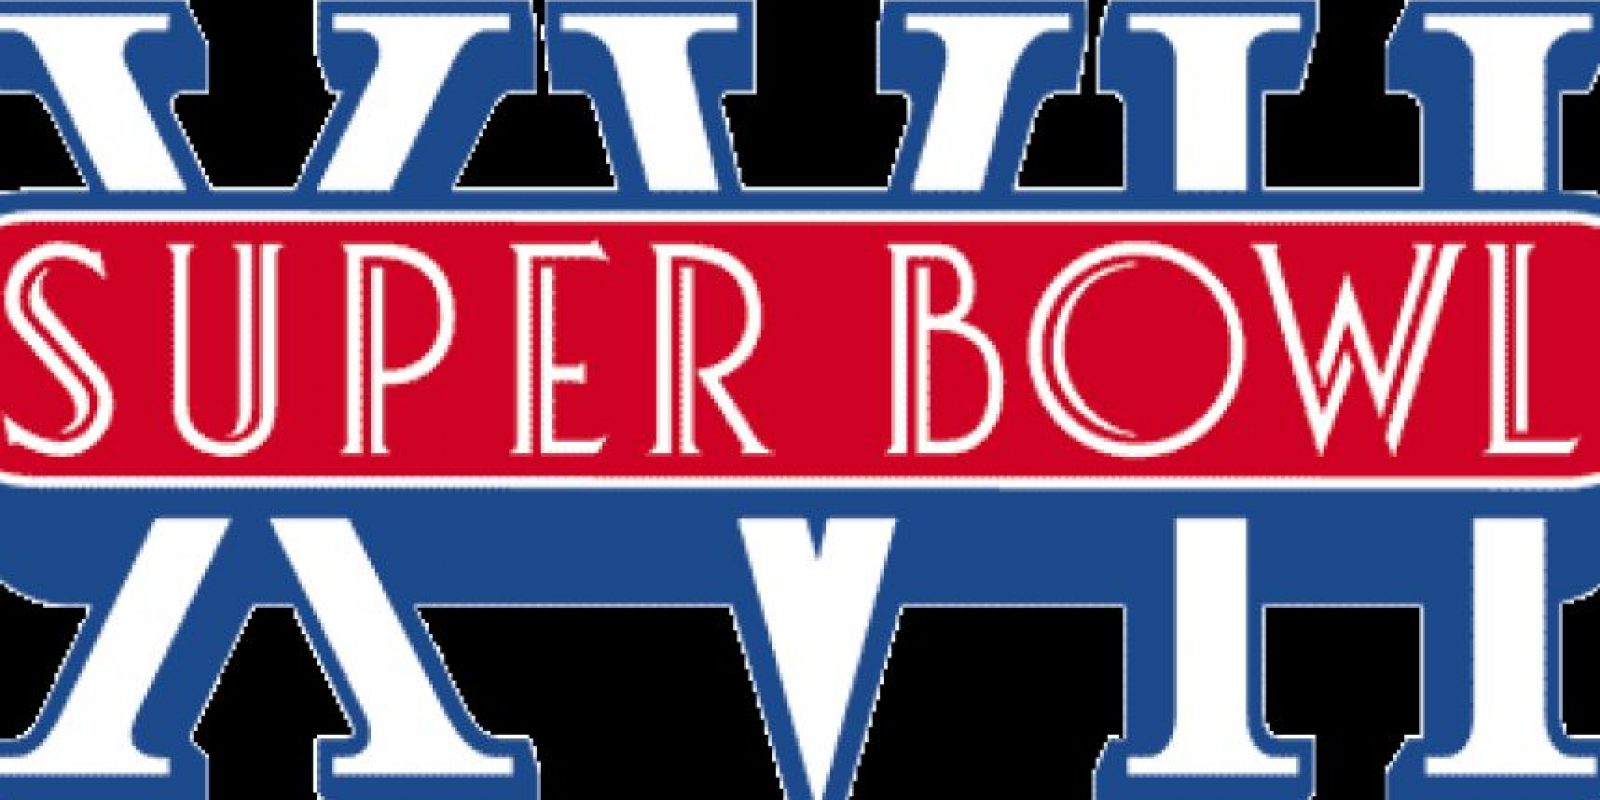 Super Bowl XVII Foto:Twitter